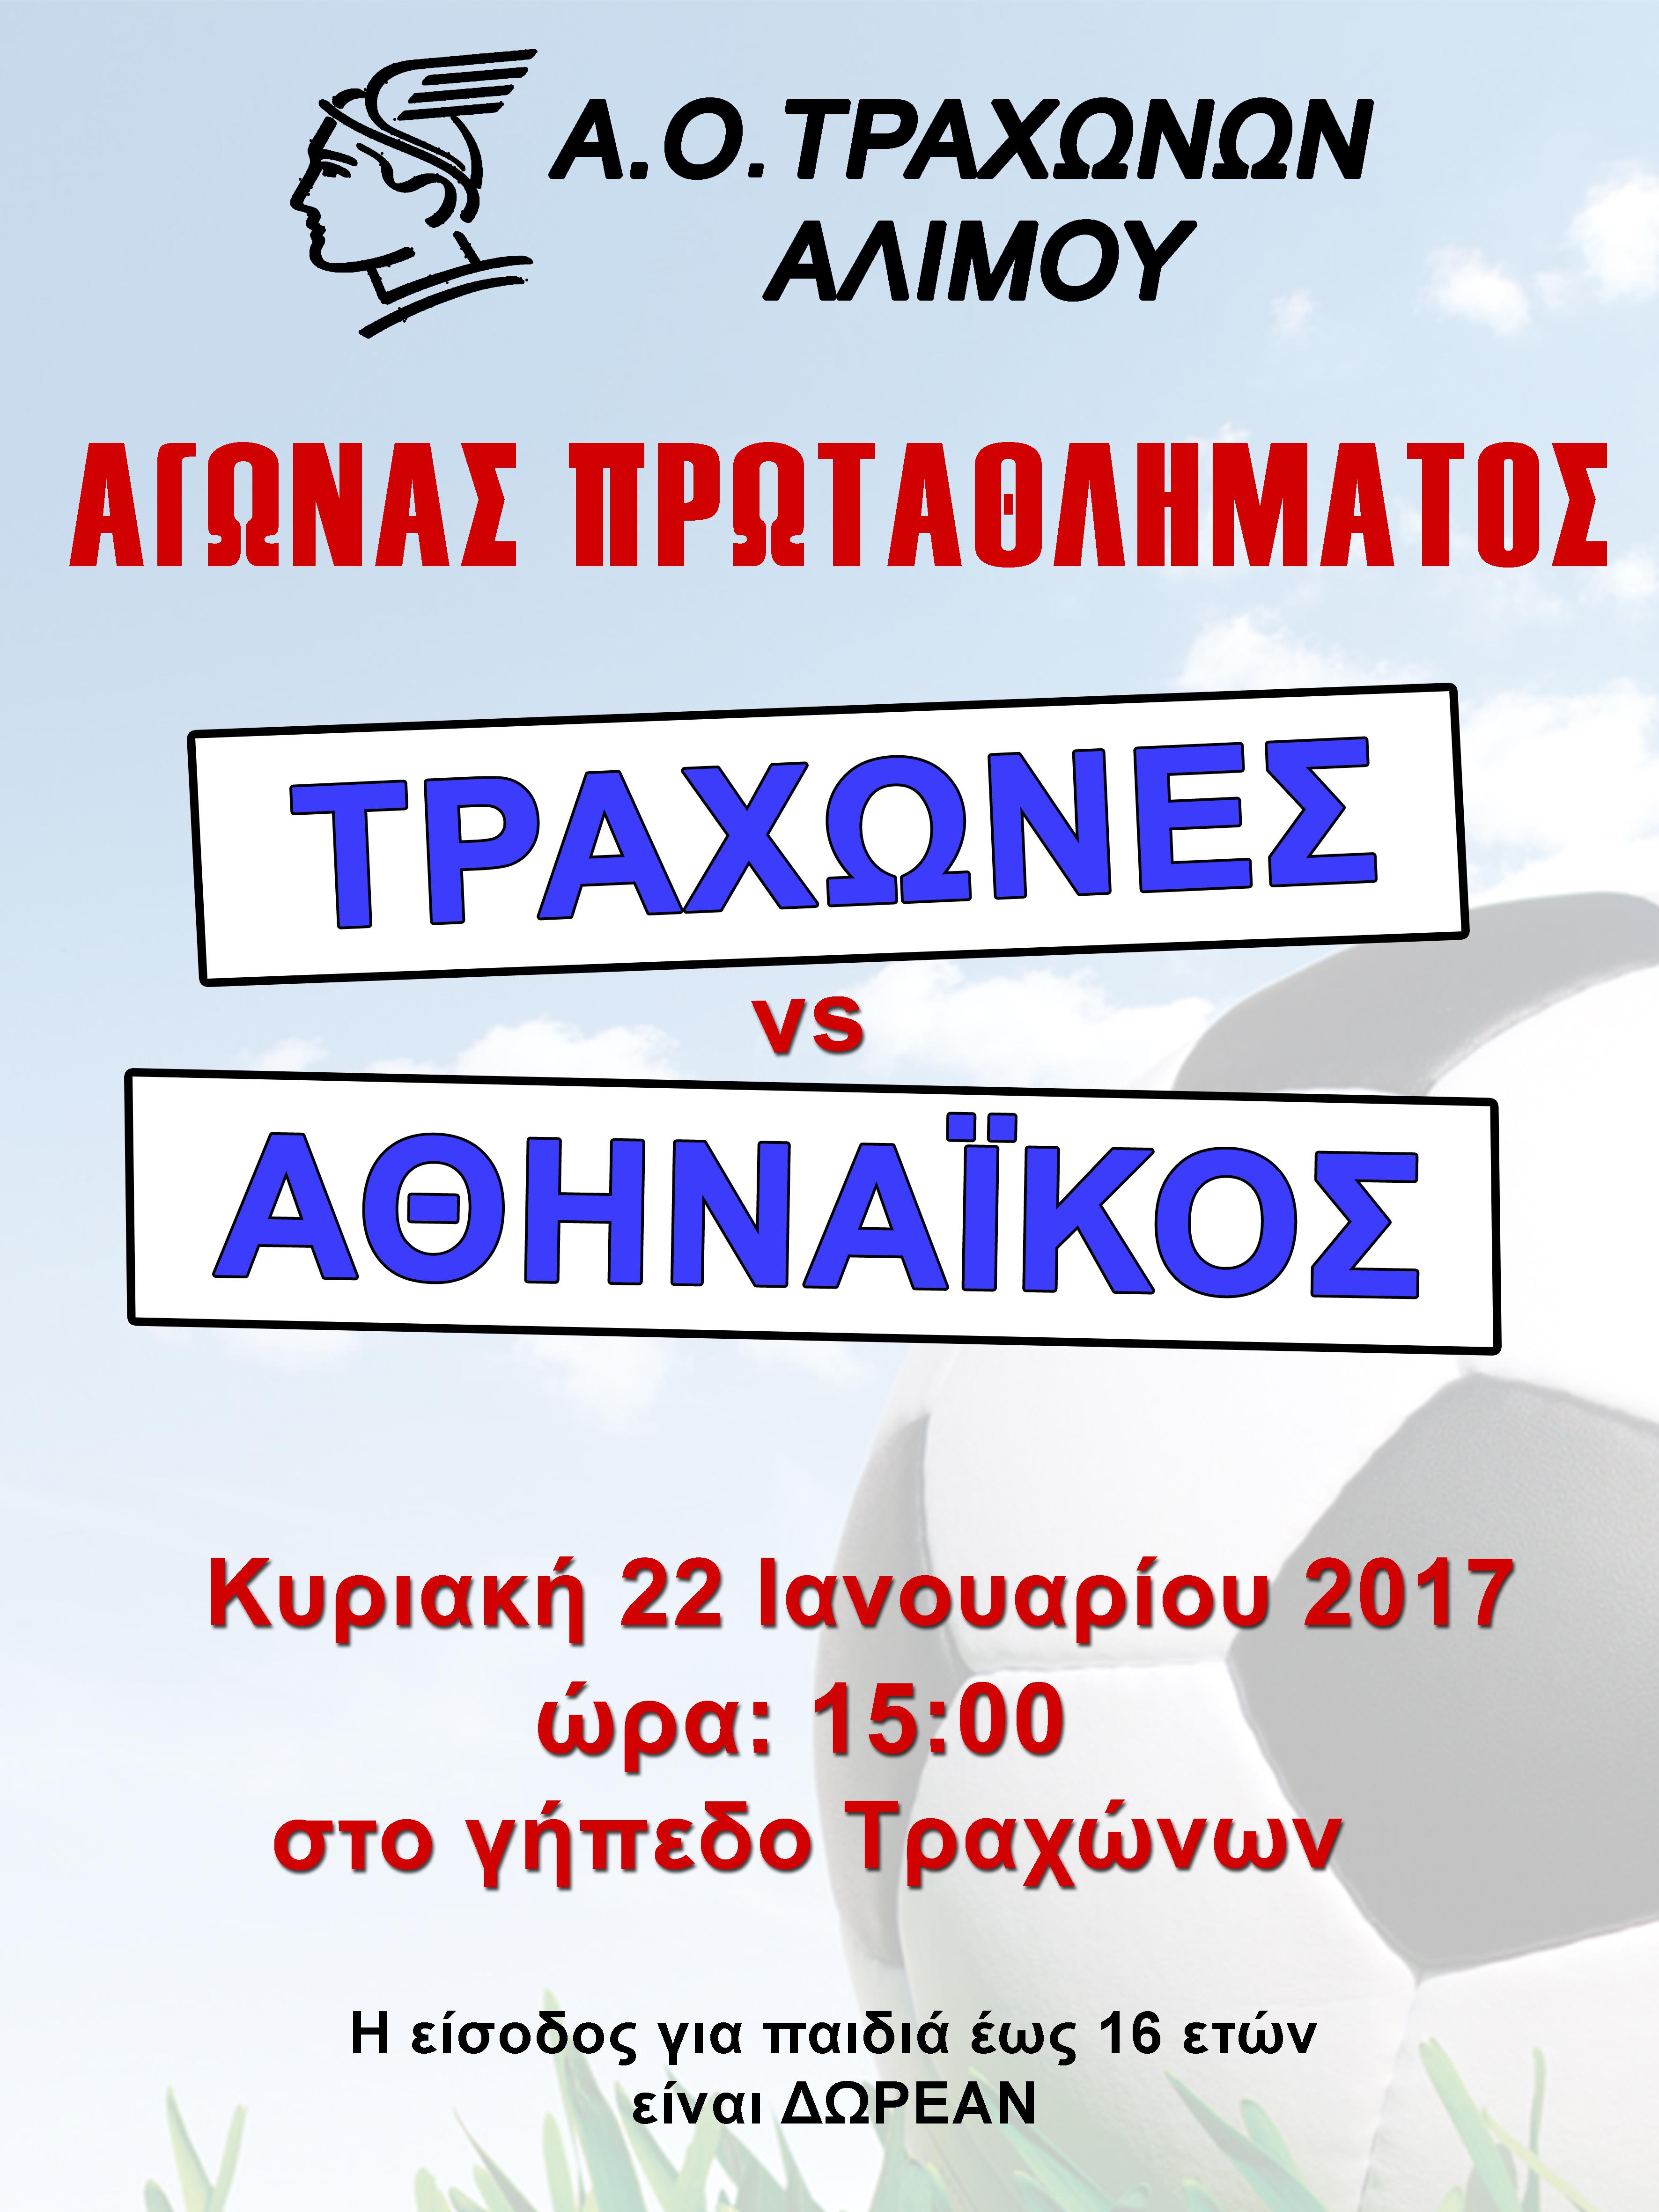 ΤΡΑΧ-ΑΘΗΝΑΙΚΟΣ